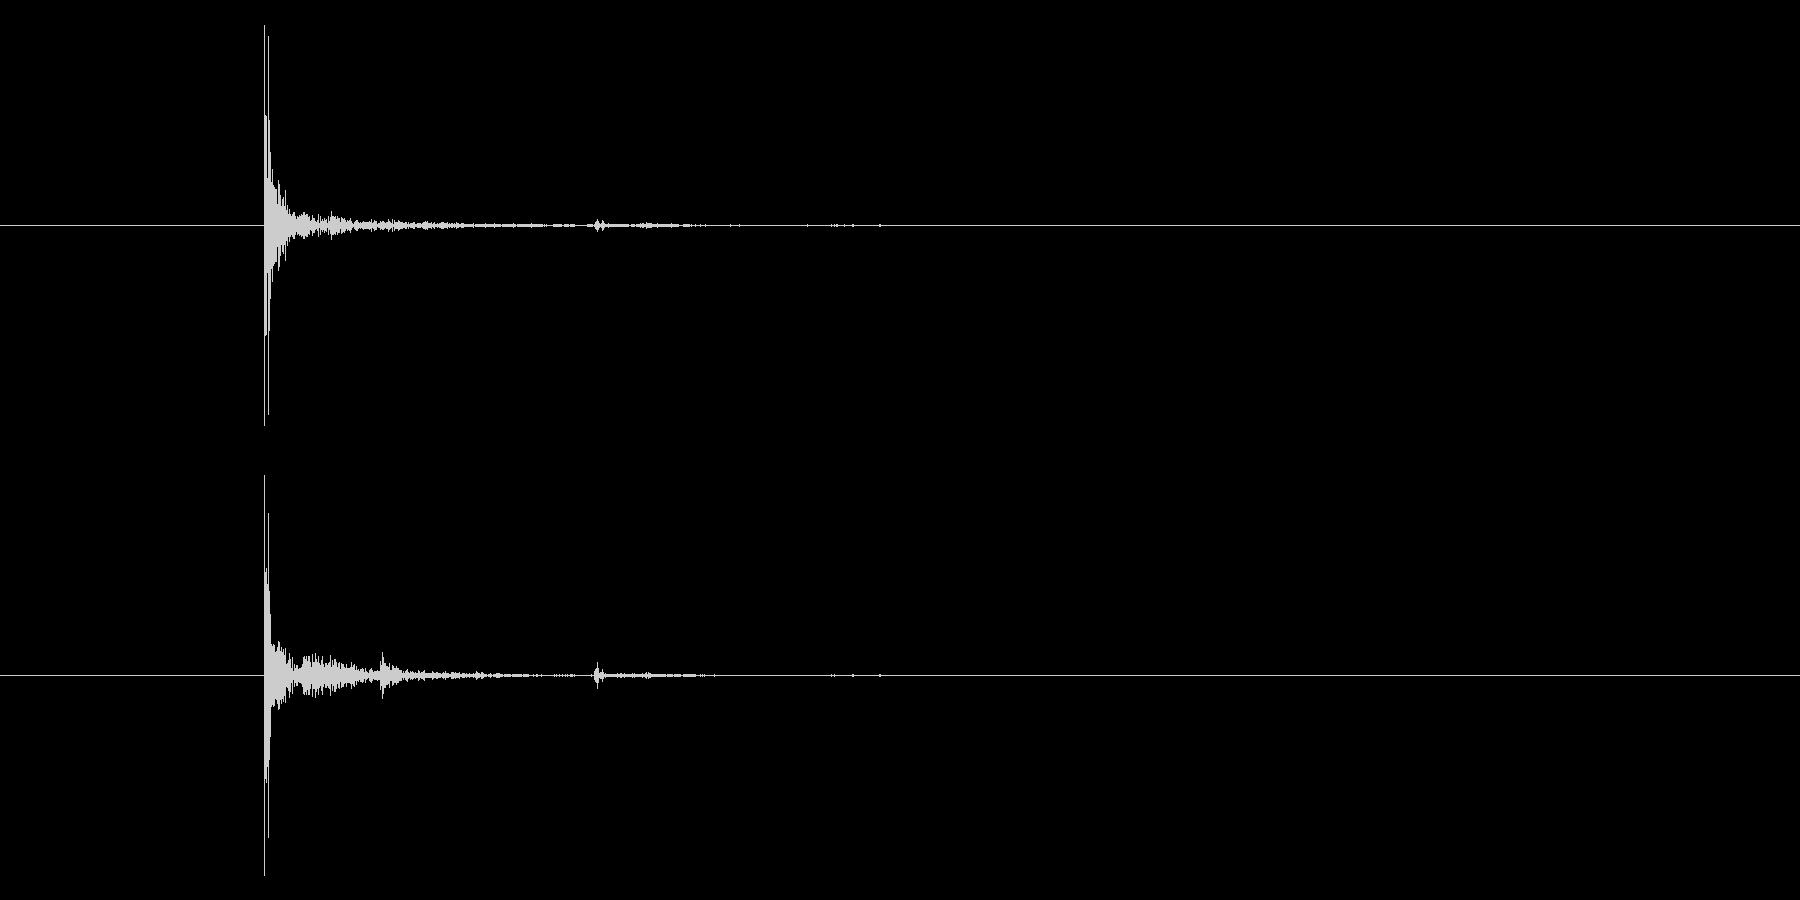 ウッドバット:ソフトボールヒット、...の未再生の波形